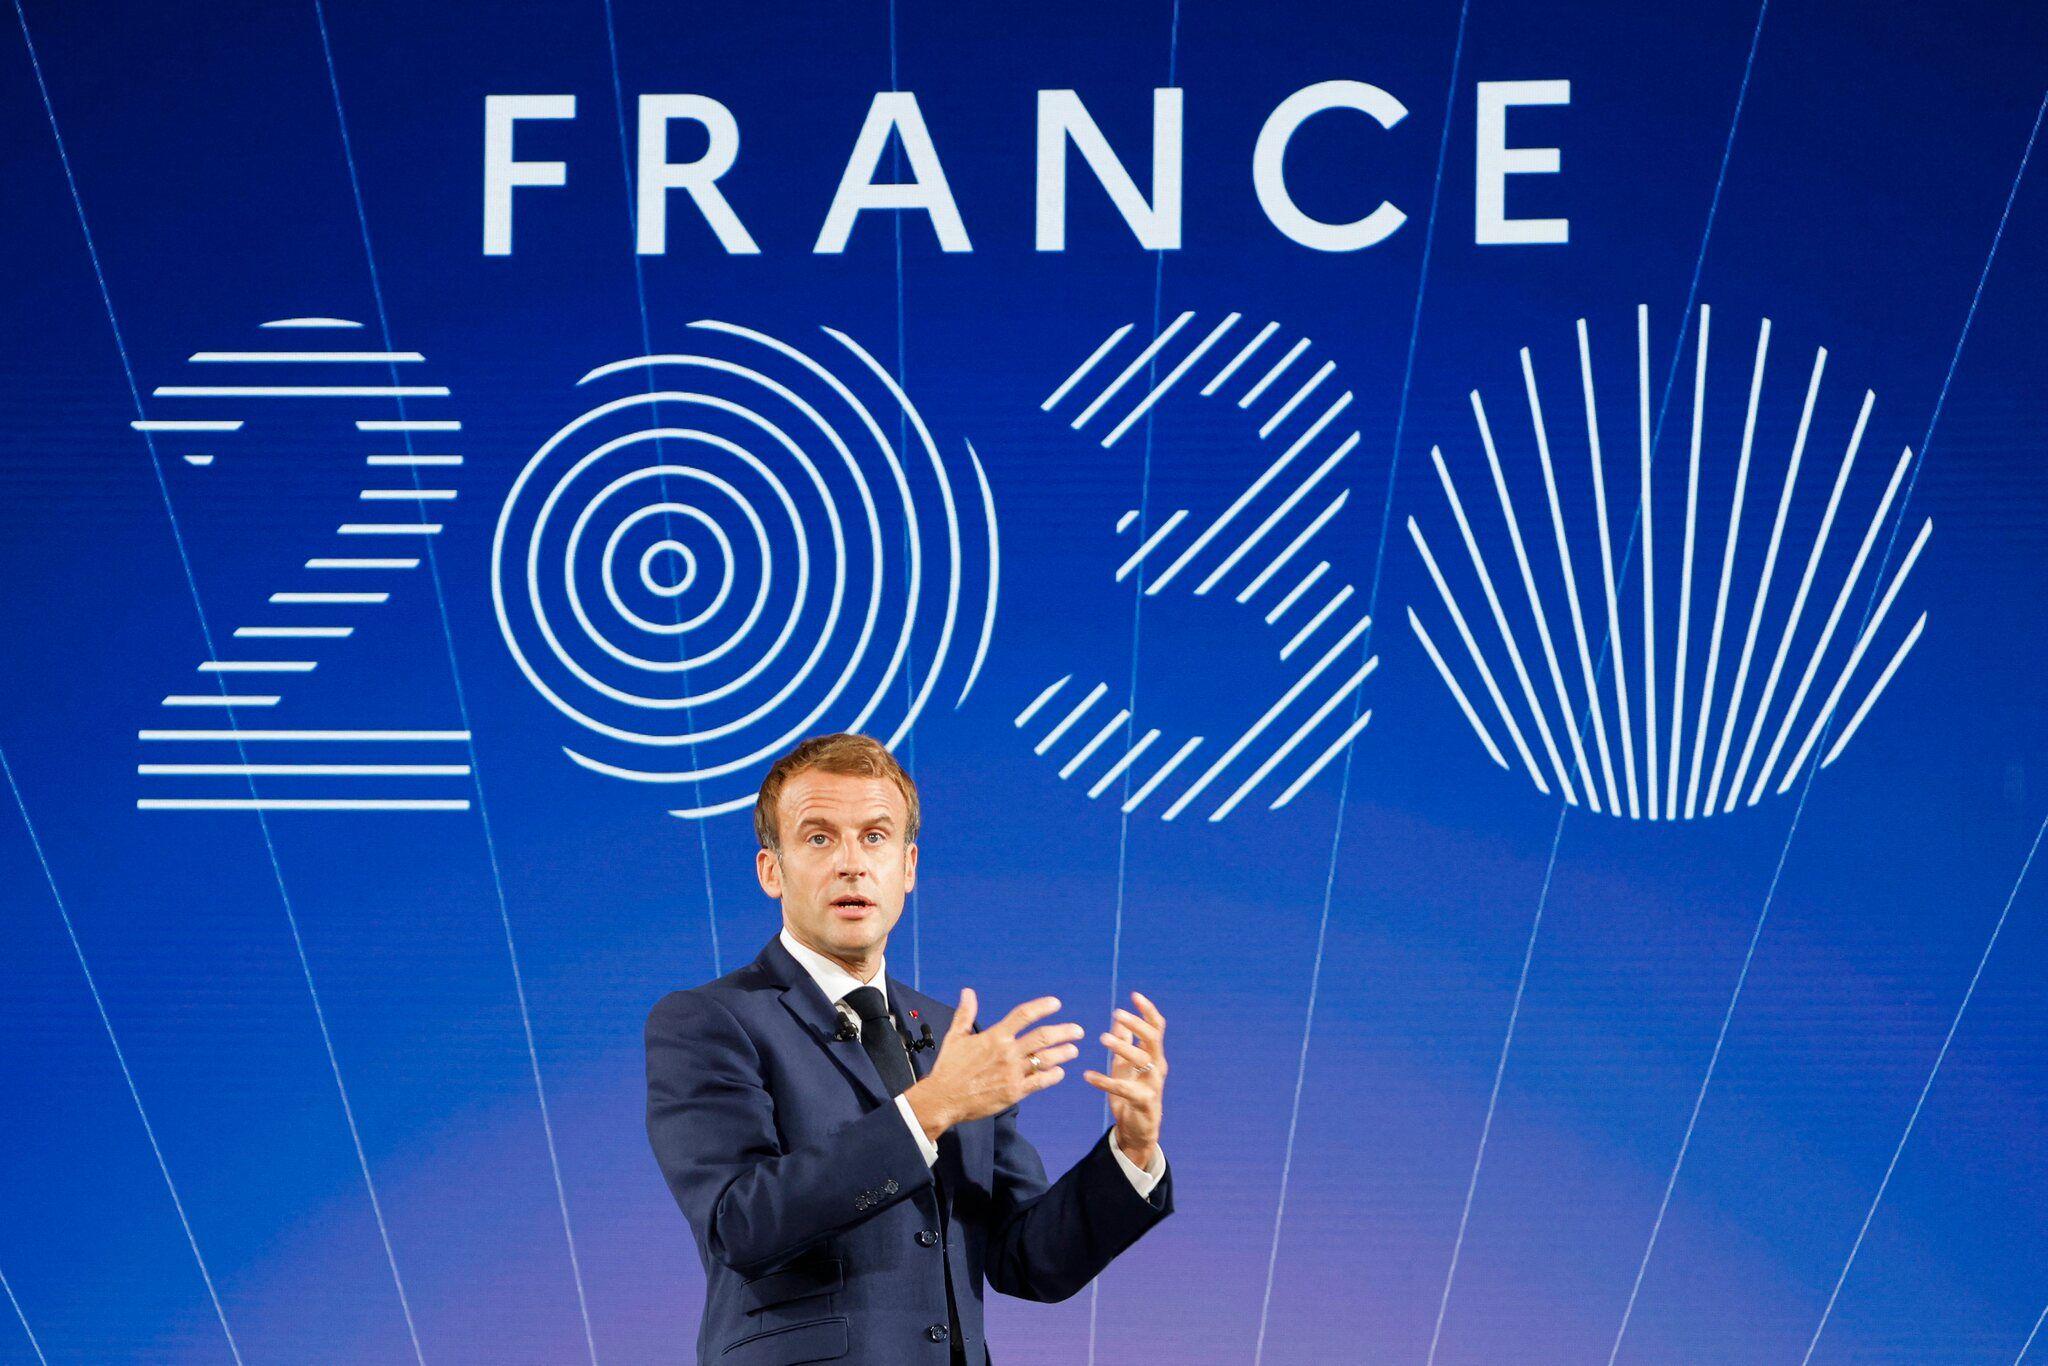 France 2030 : le plan commando d'Emmanuel Macron